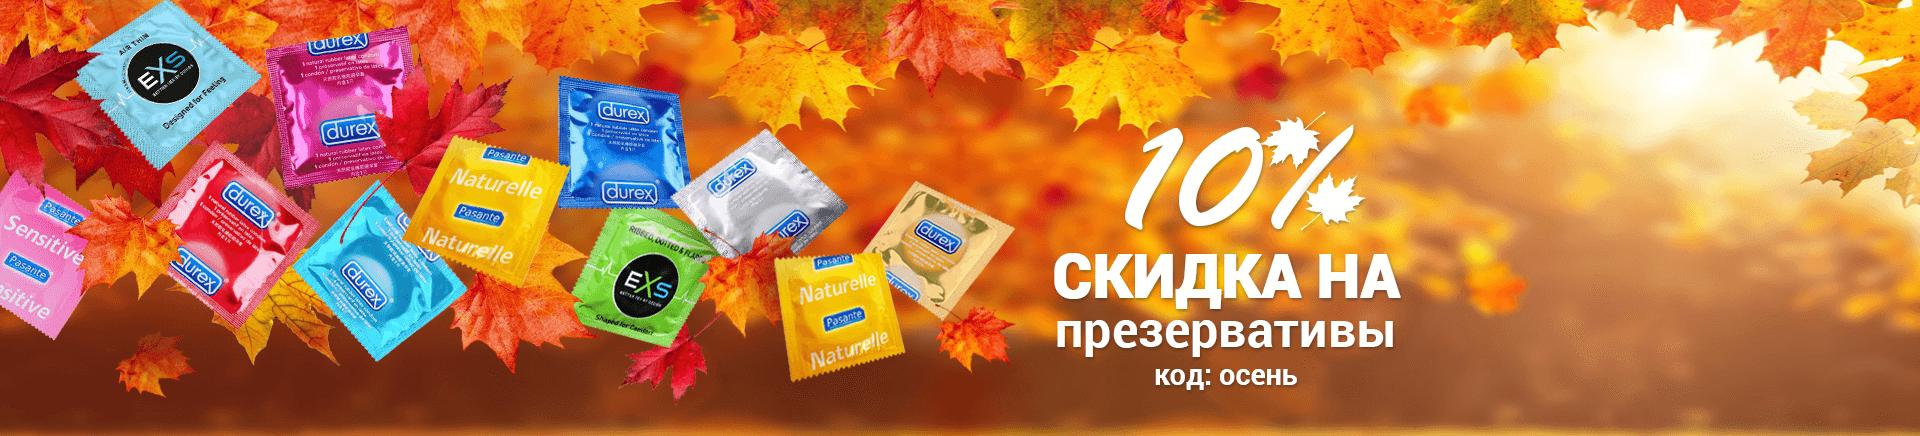 Осенняя скидка -10% на презервативы